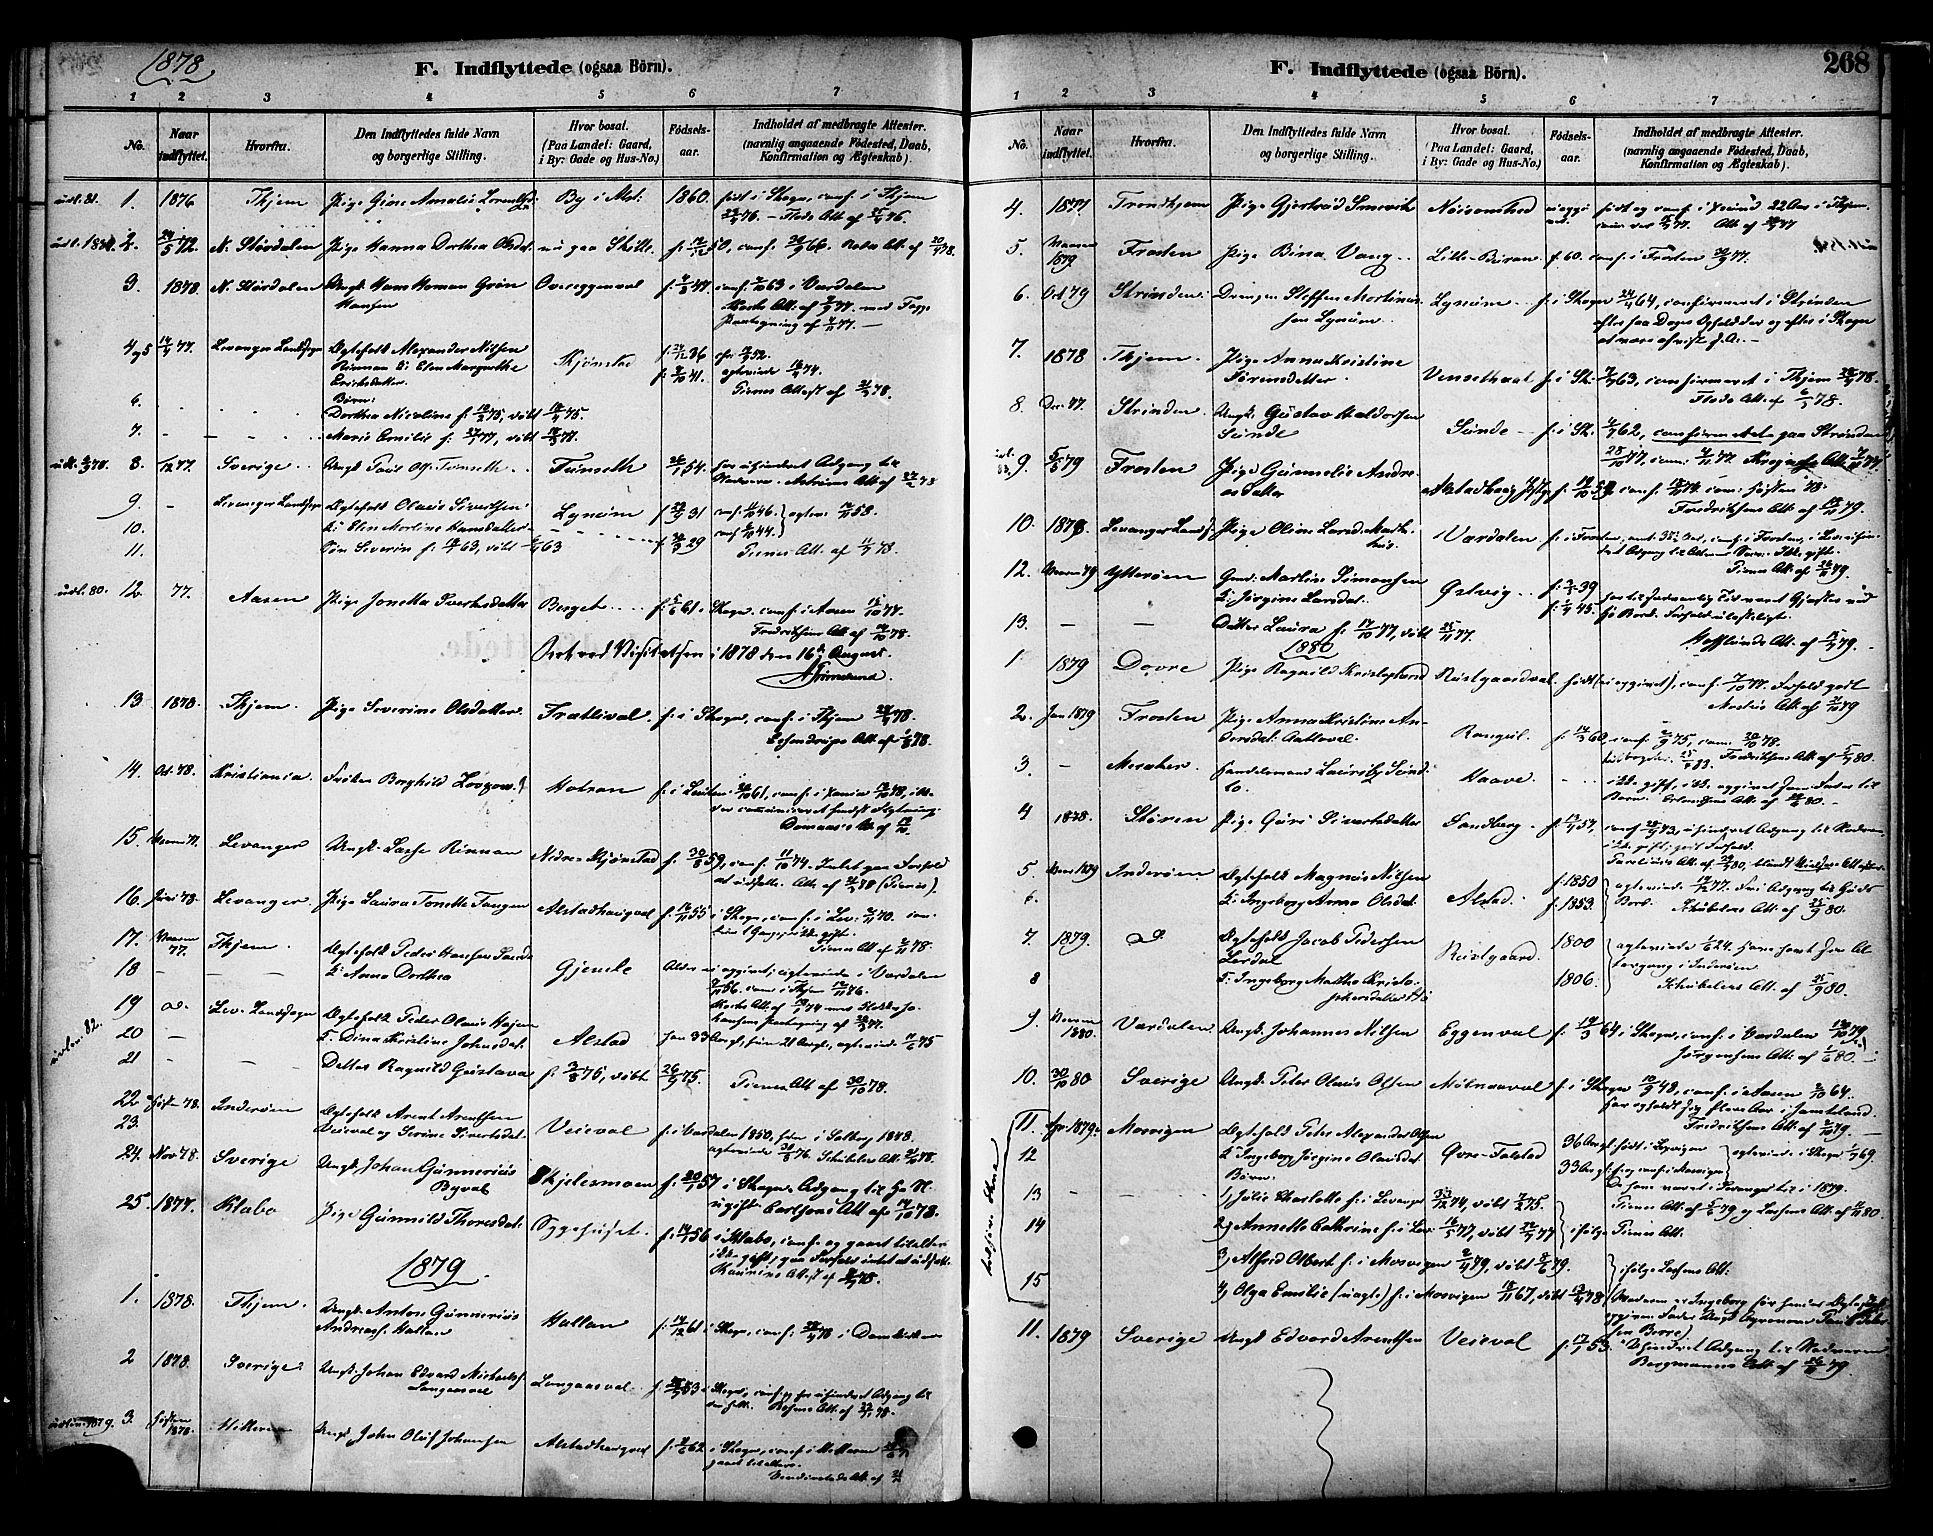 SAT, Ministerialprotokoller, klokkerbøker og fødselsregistre - Nord-Trøndelag, 717/L0159: Ministerialbok nr. 717A09, 1878-1898, s. 268